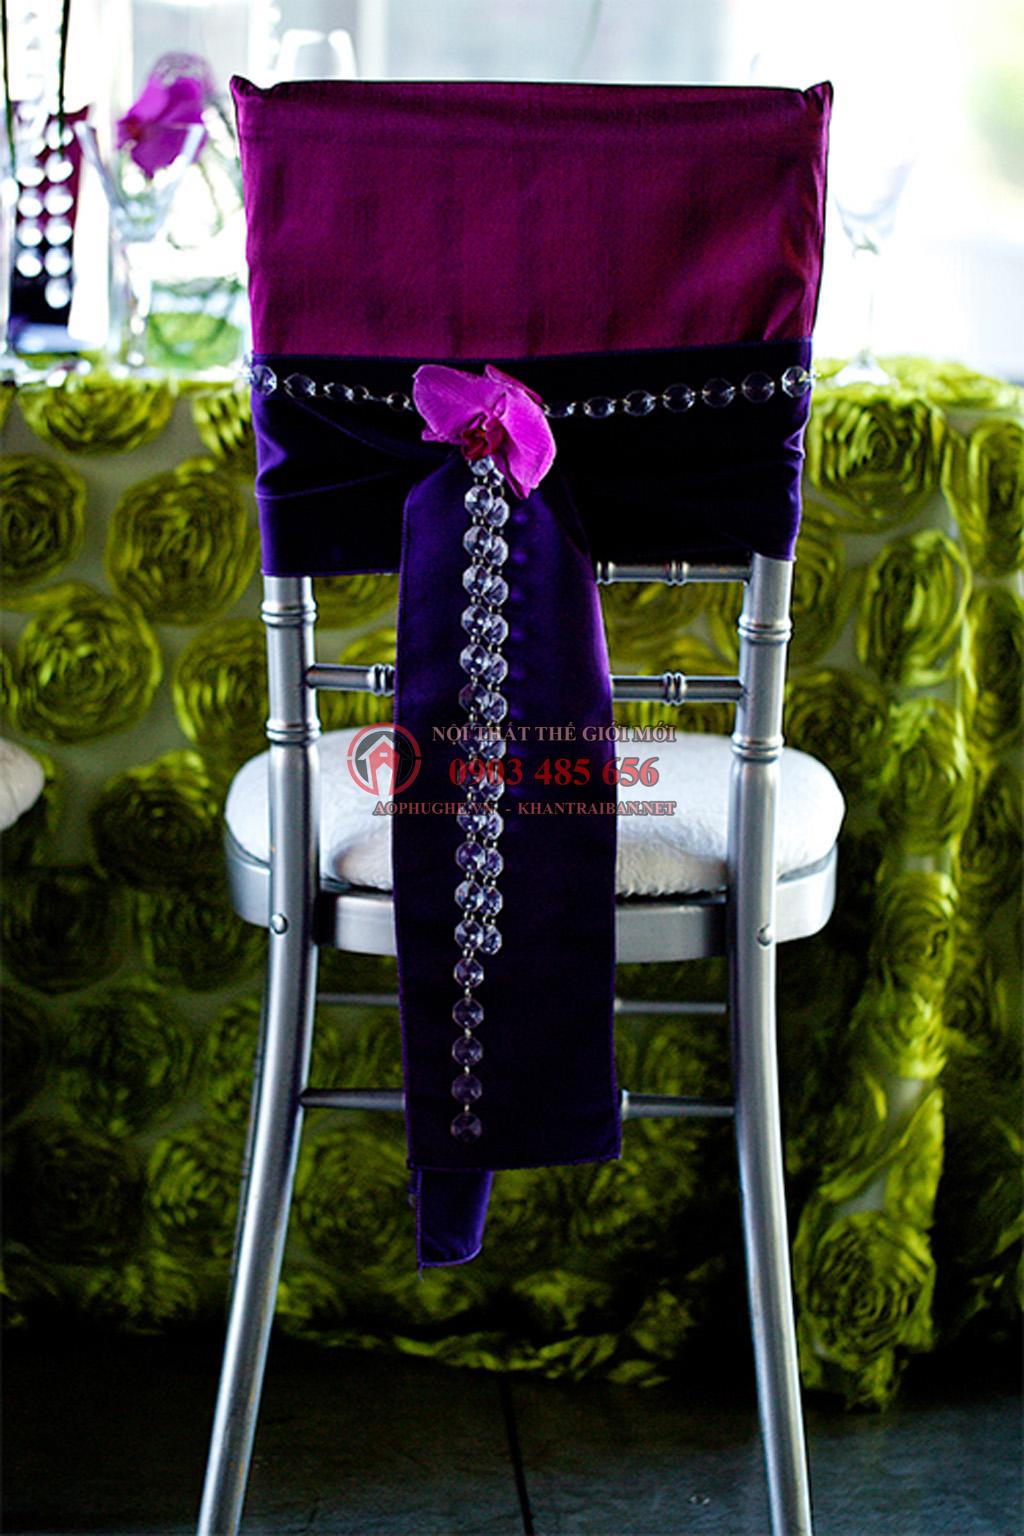 May gia công váy ghế hội nghị - hà nội